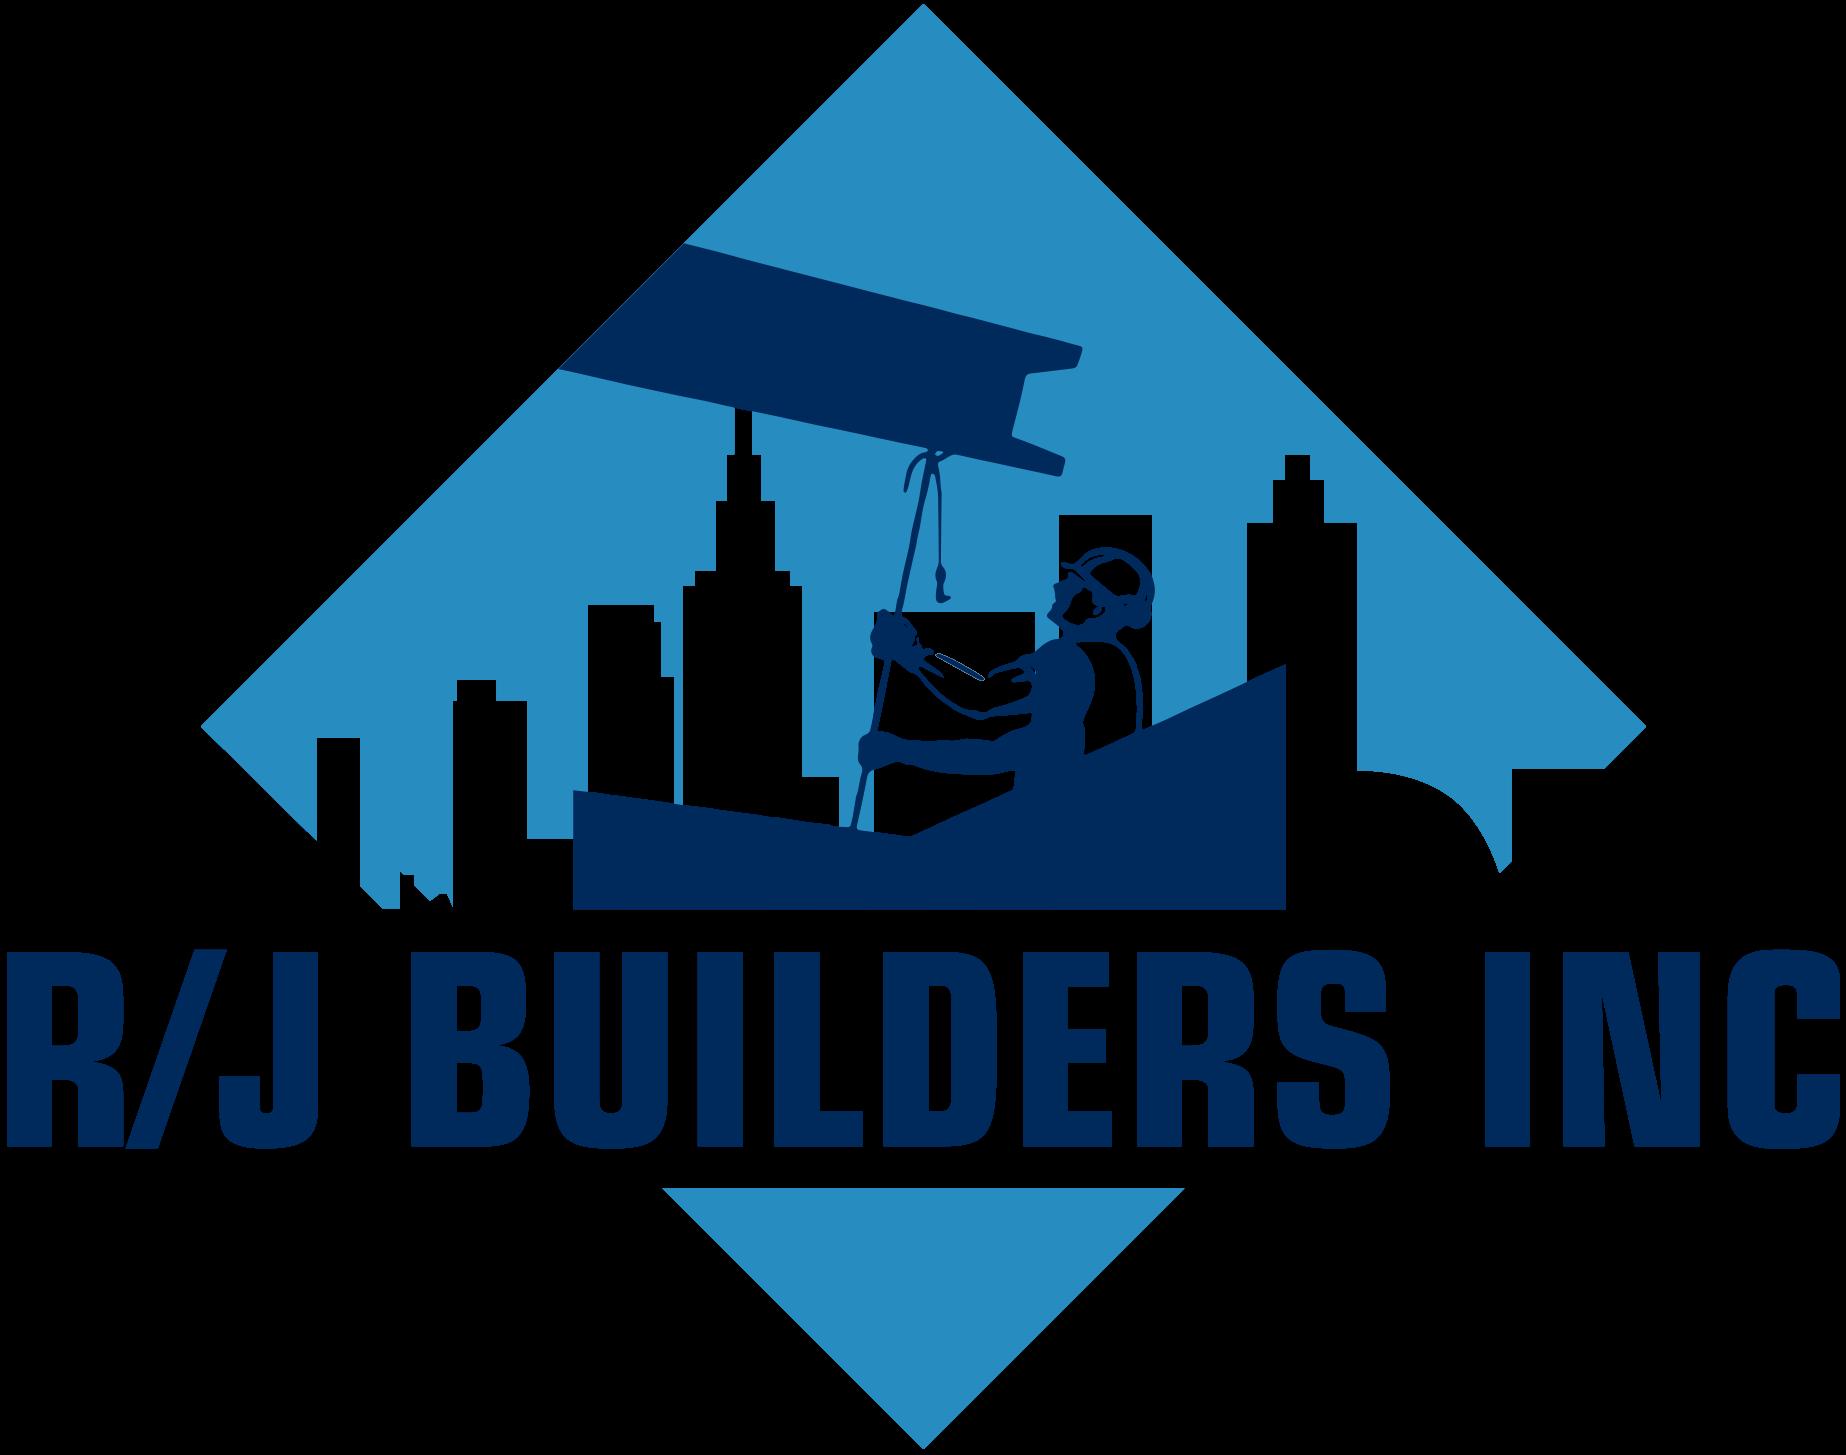 R/J Builders, Inc.